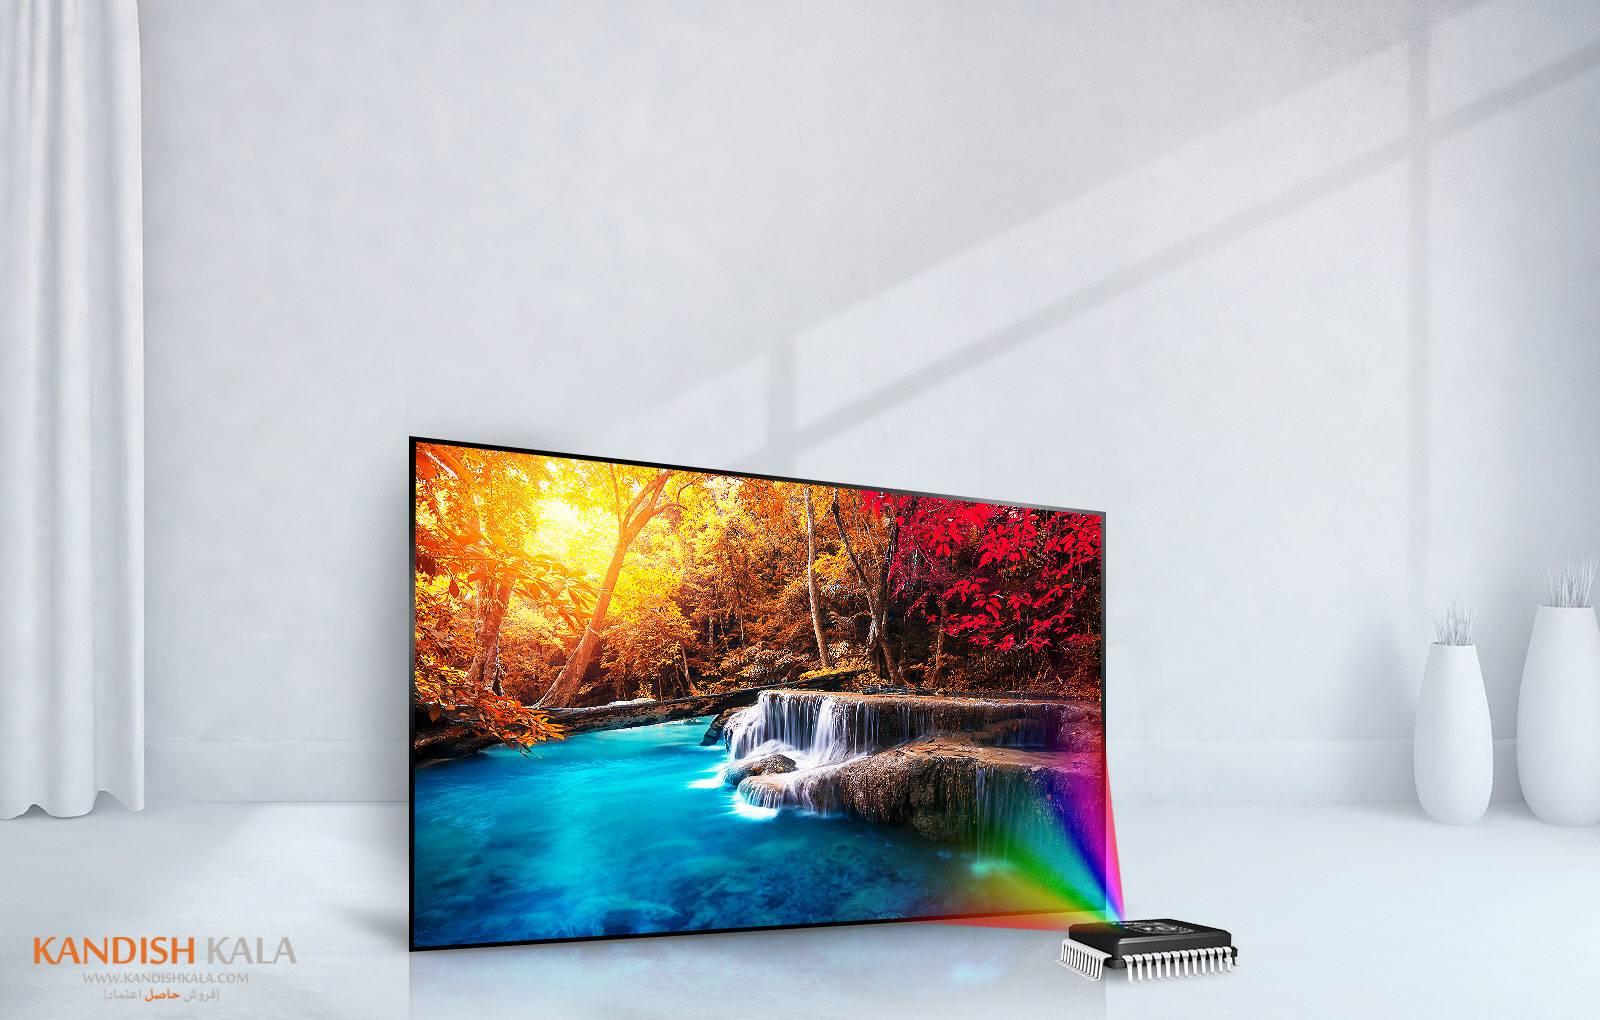 قیمت تلویزیون 43 اینچ ال جی مدل 43LJ510T